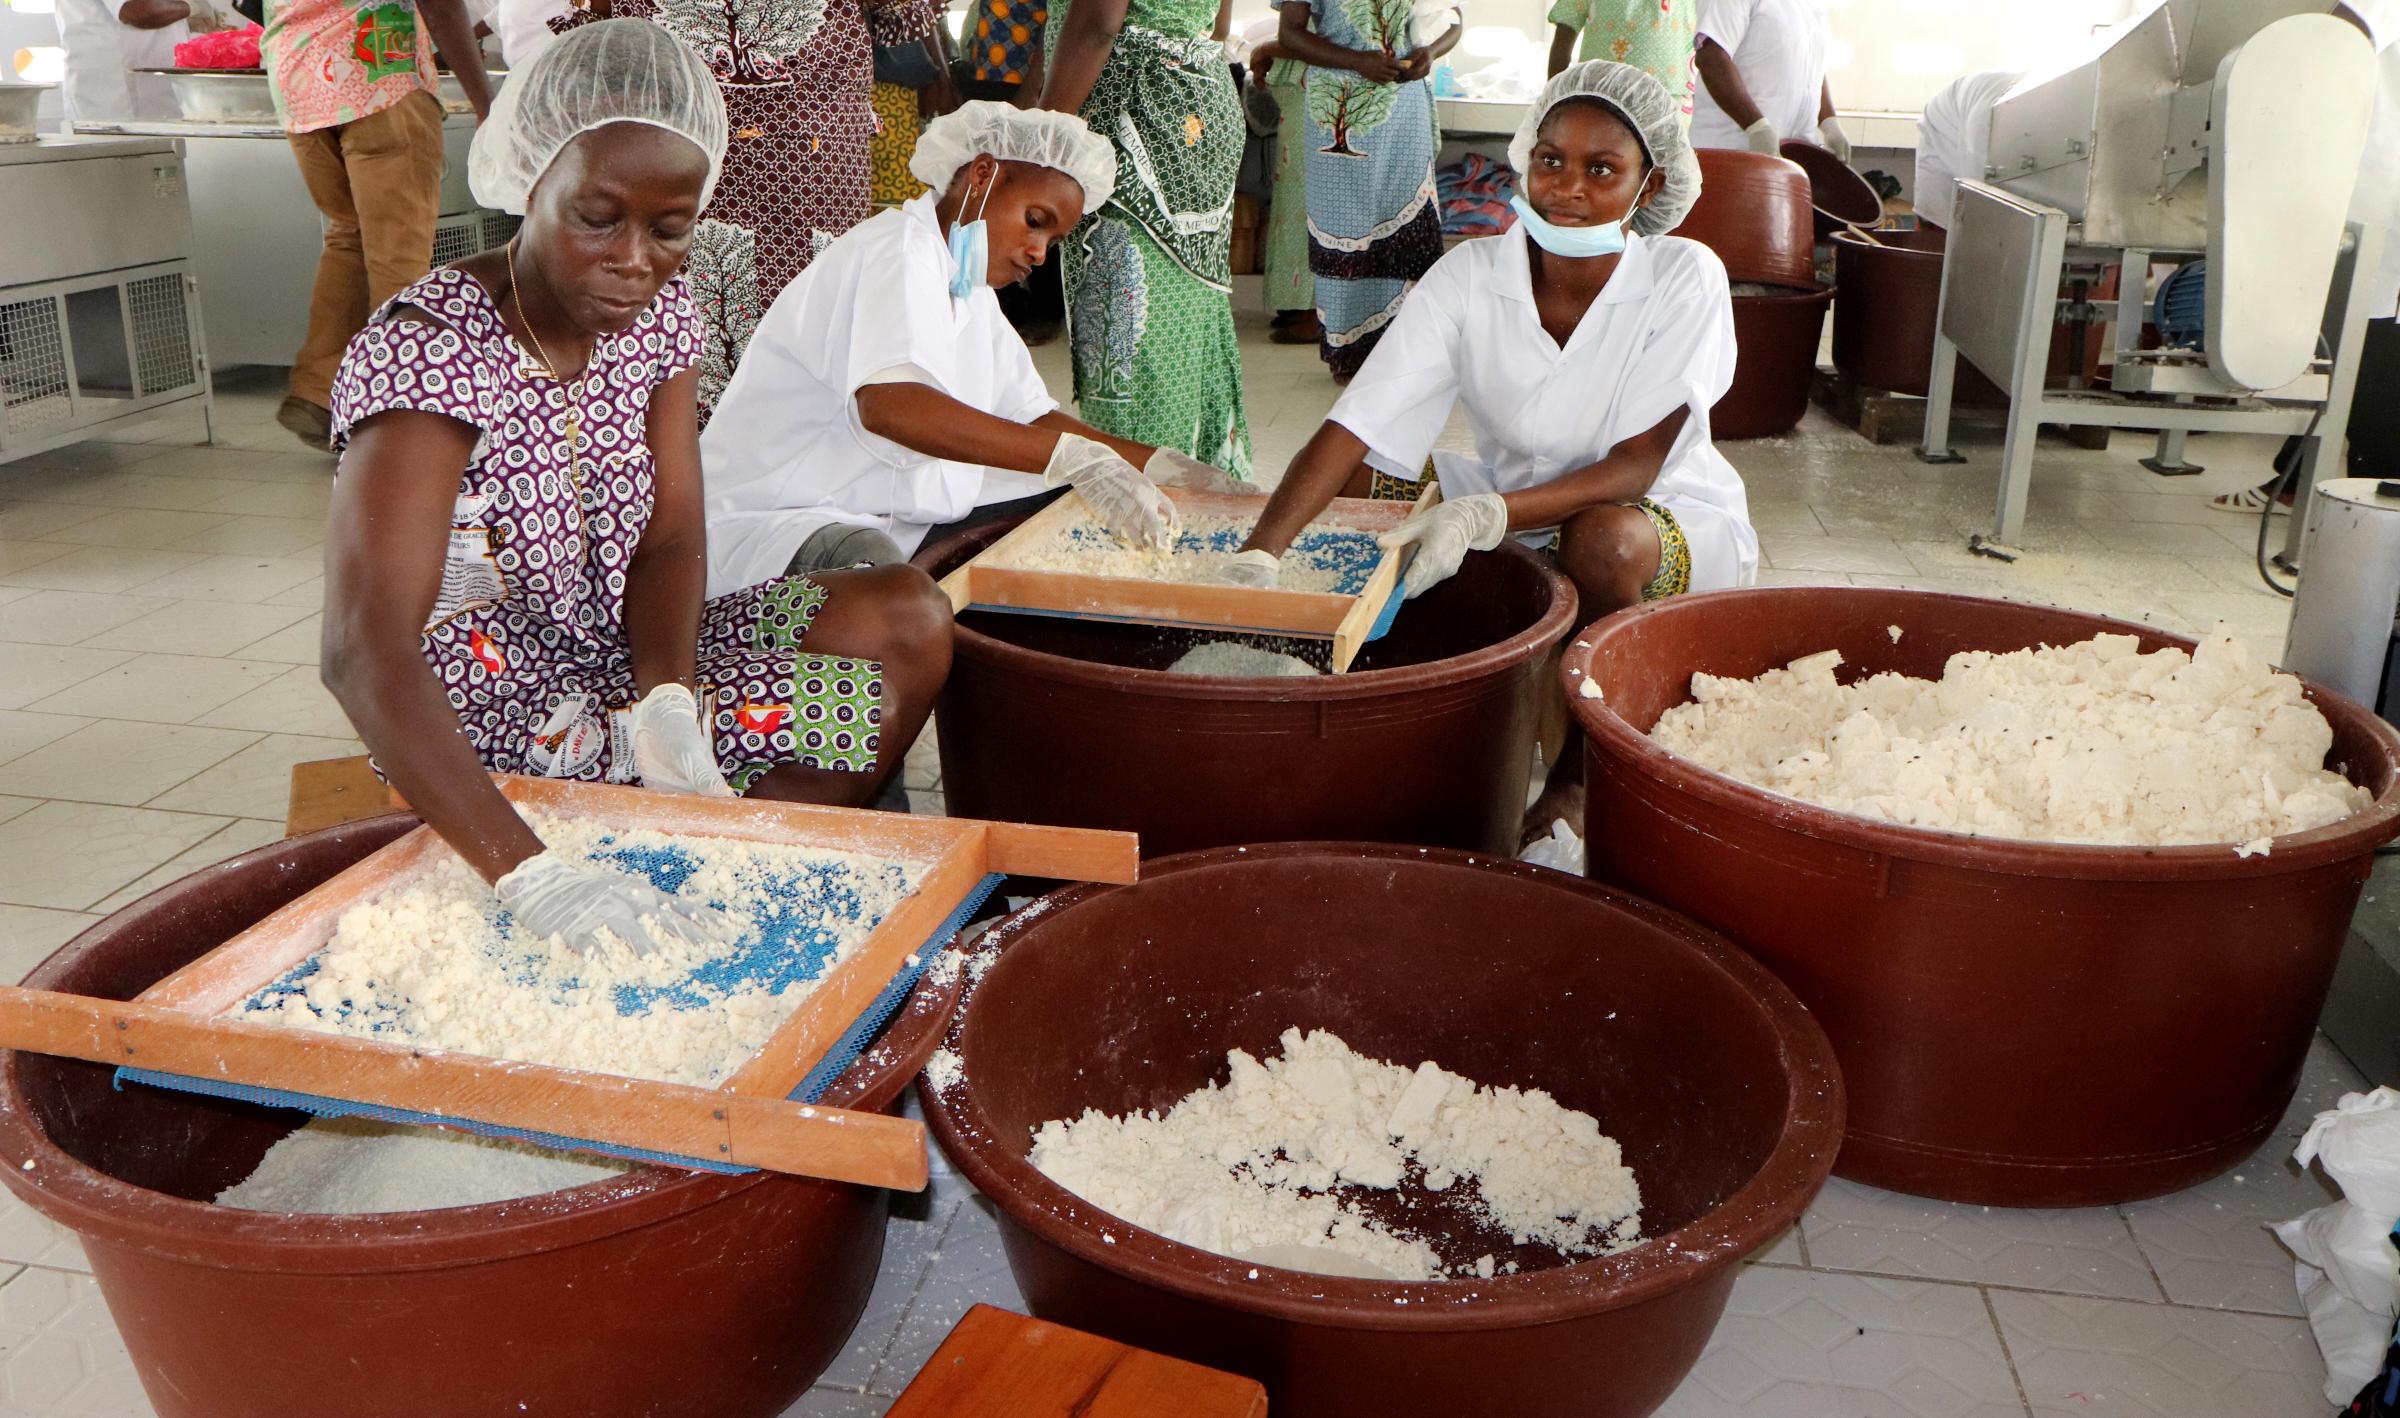 Des femmes Méthodistes Unies transforment les tubercules de manioc en attiéké, un plat traditionnel ivoirien, dans une nouvelle usine de transformation semi-mécanisée à Anyama, en Côte d'Ivoire. Un don de 200 000 dollars de UMCOR a contribué à financer l'usine de production. Photo de Isaac Broune, UM News.